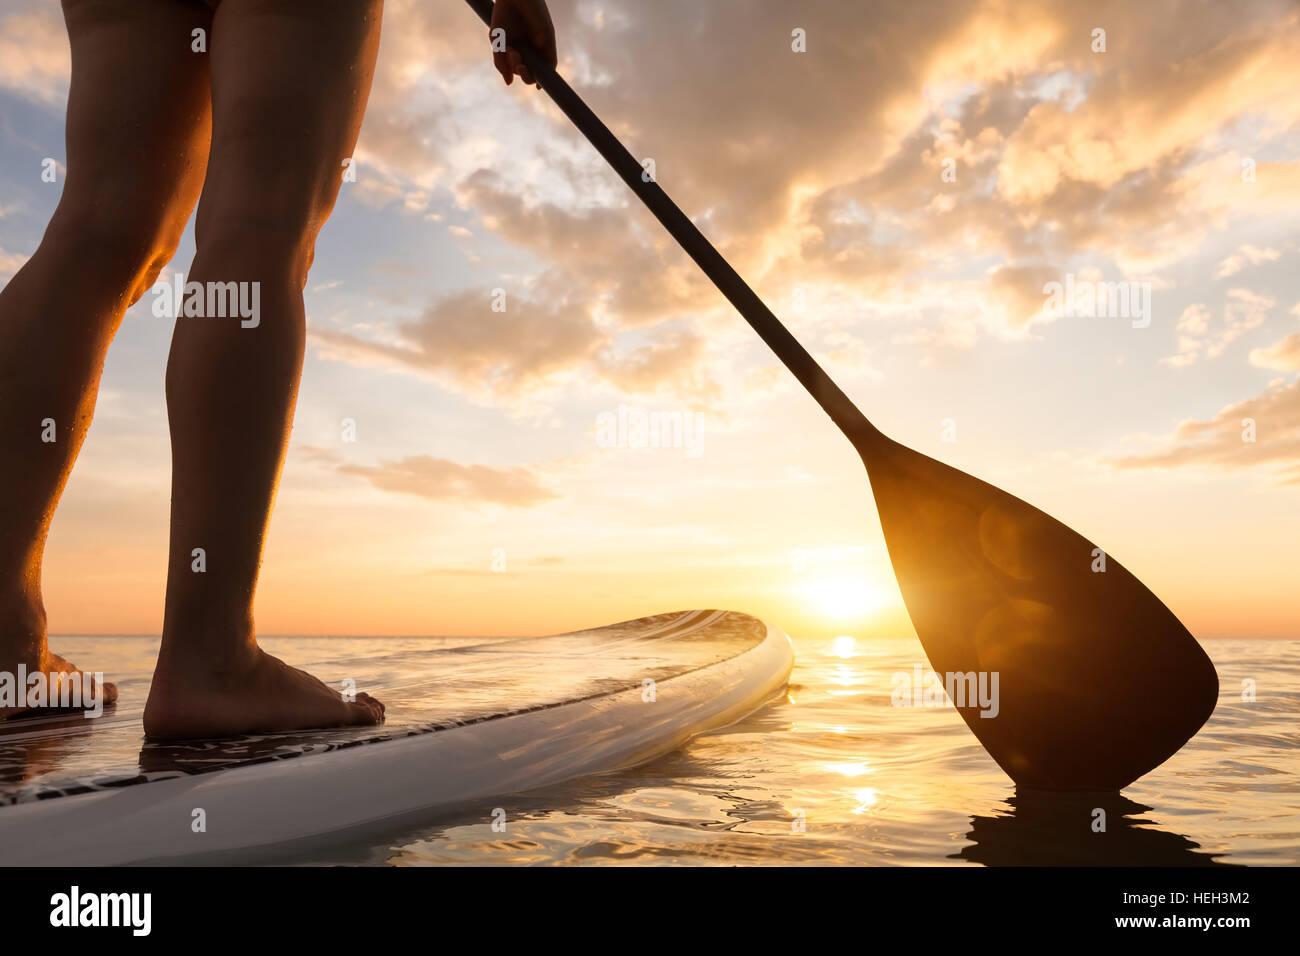 El Stand Up Paddle Surf en un mar tranquilo, con cálidos colores del atardecer de verano, cerca de piernas Foto de stock